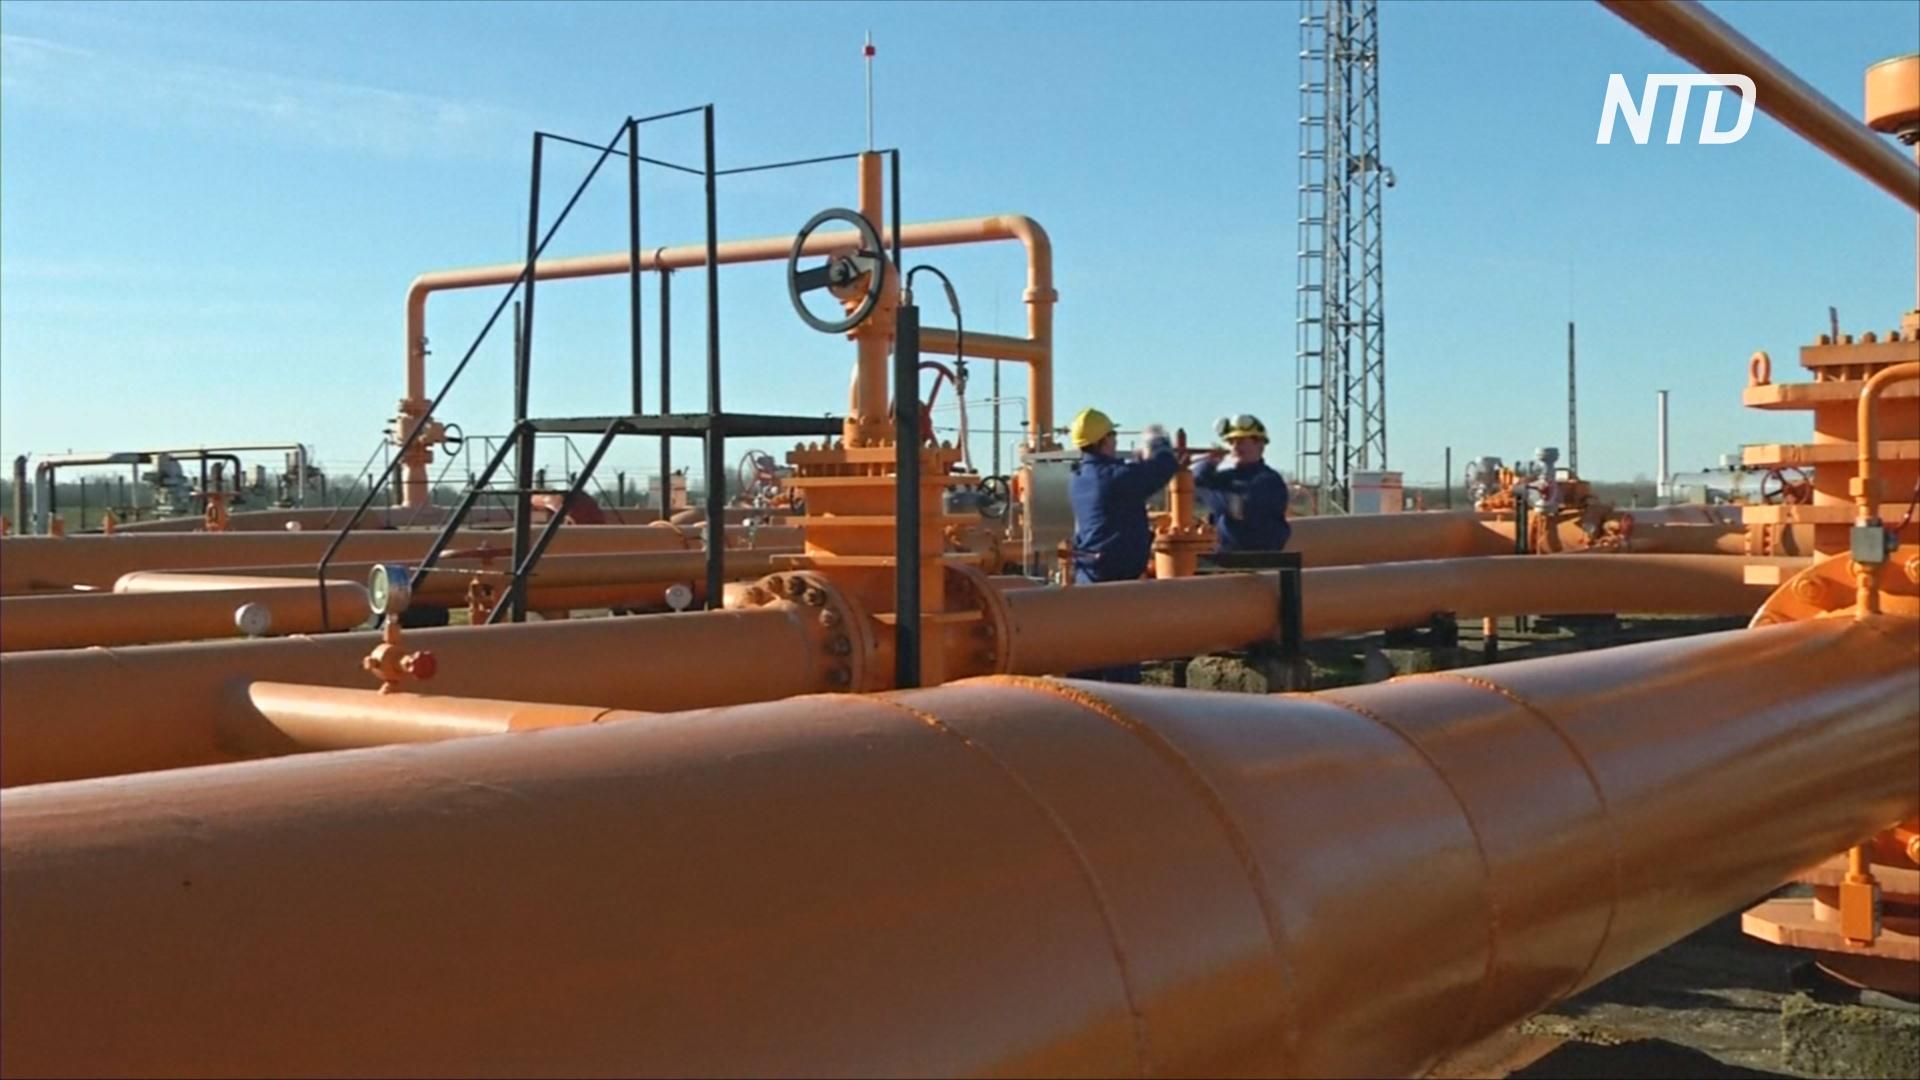 Австралия удешевит газ для внутреннего рынка, чтобы начать восстановление экономики